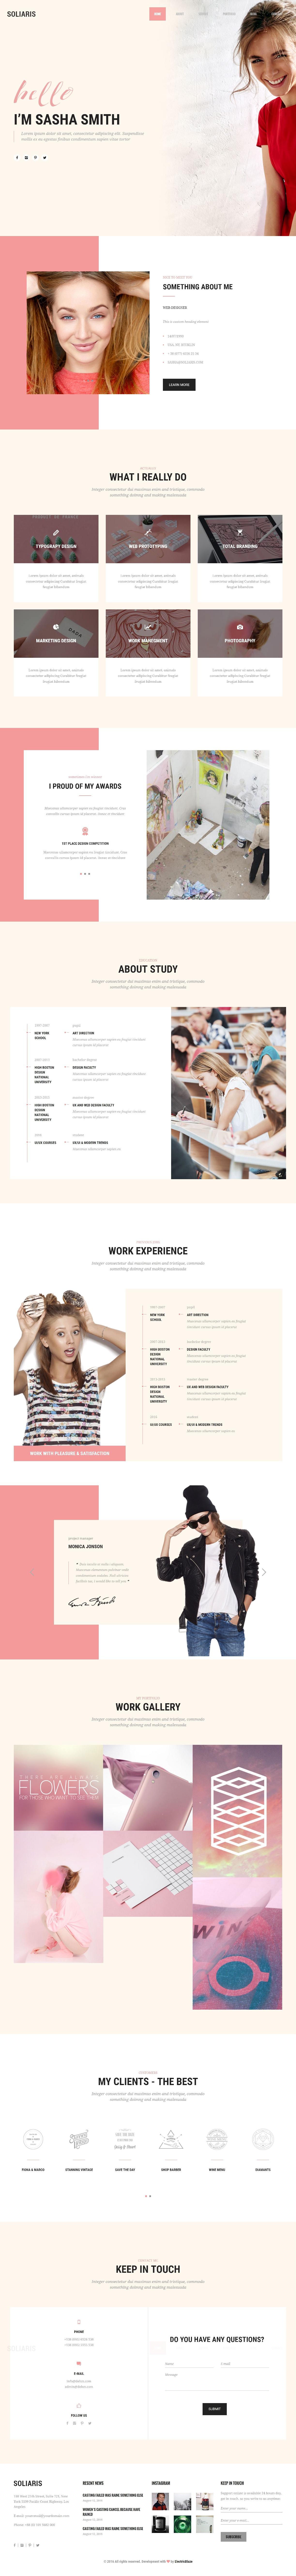 Soliaris Multipurpose Bootstrap Wordpress Landing Page Theme